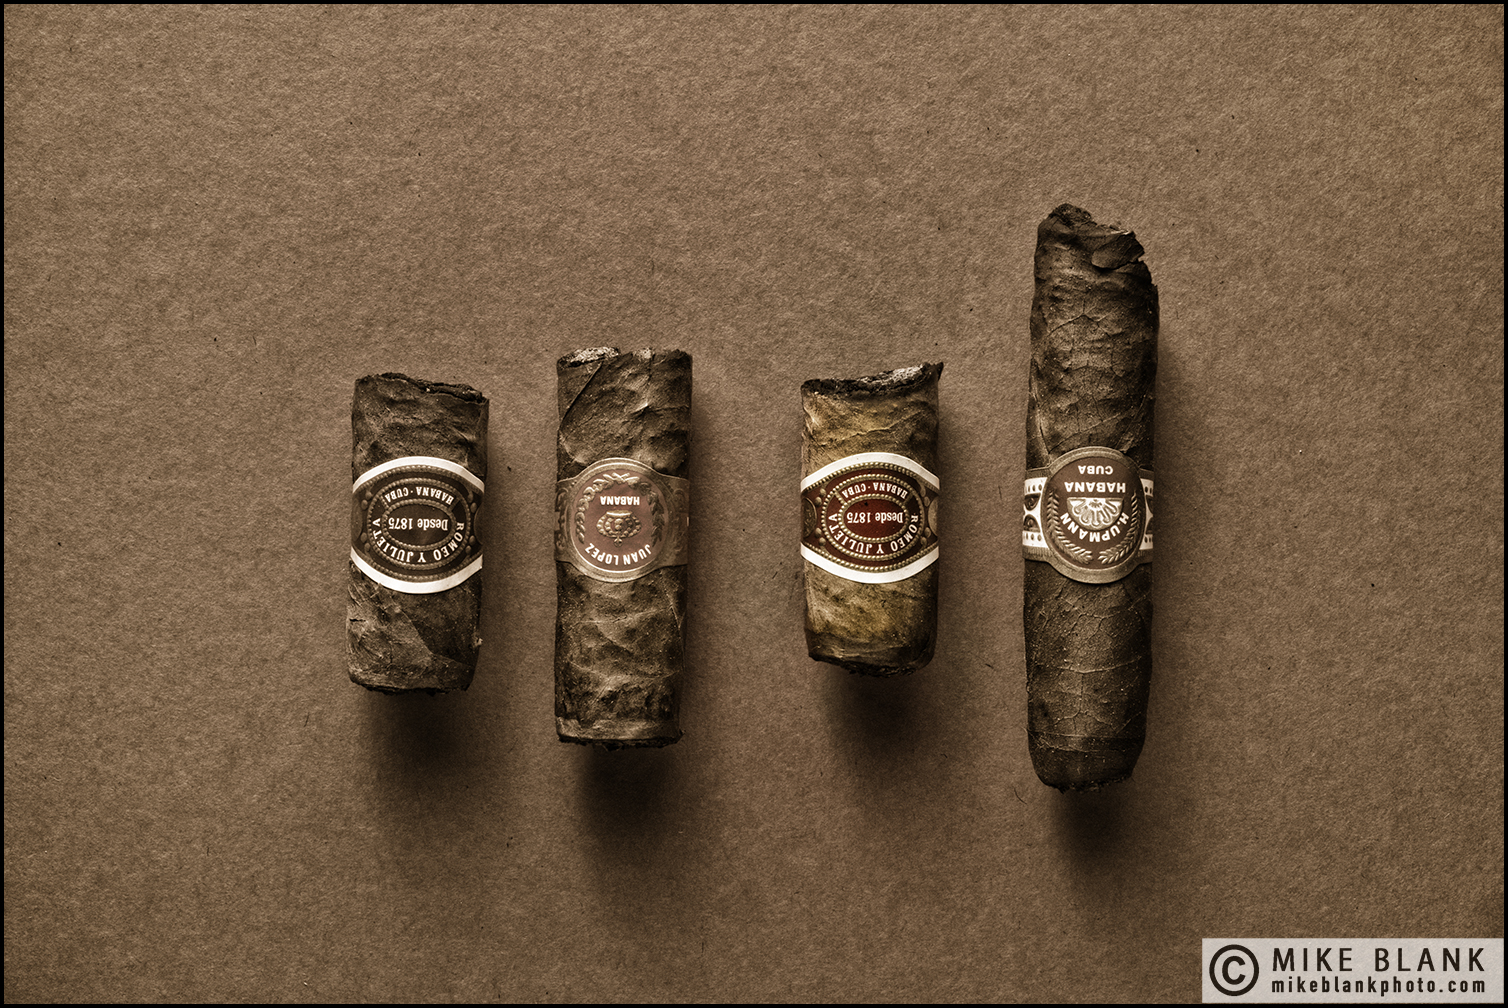 Cigar 5, 2018